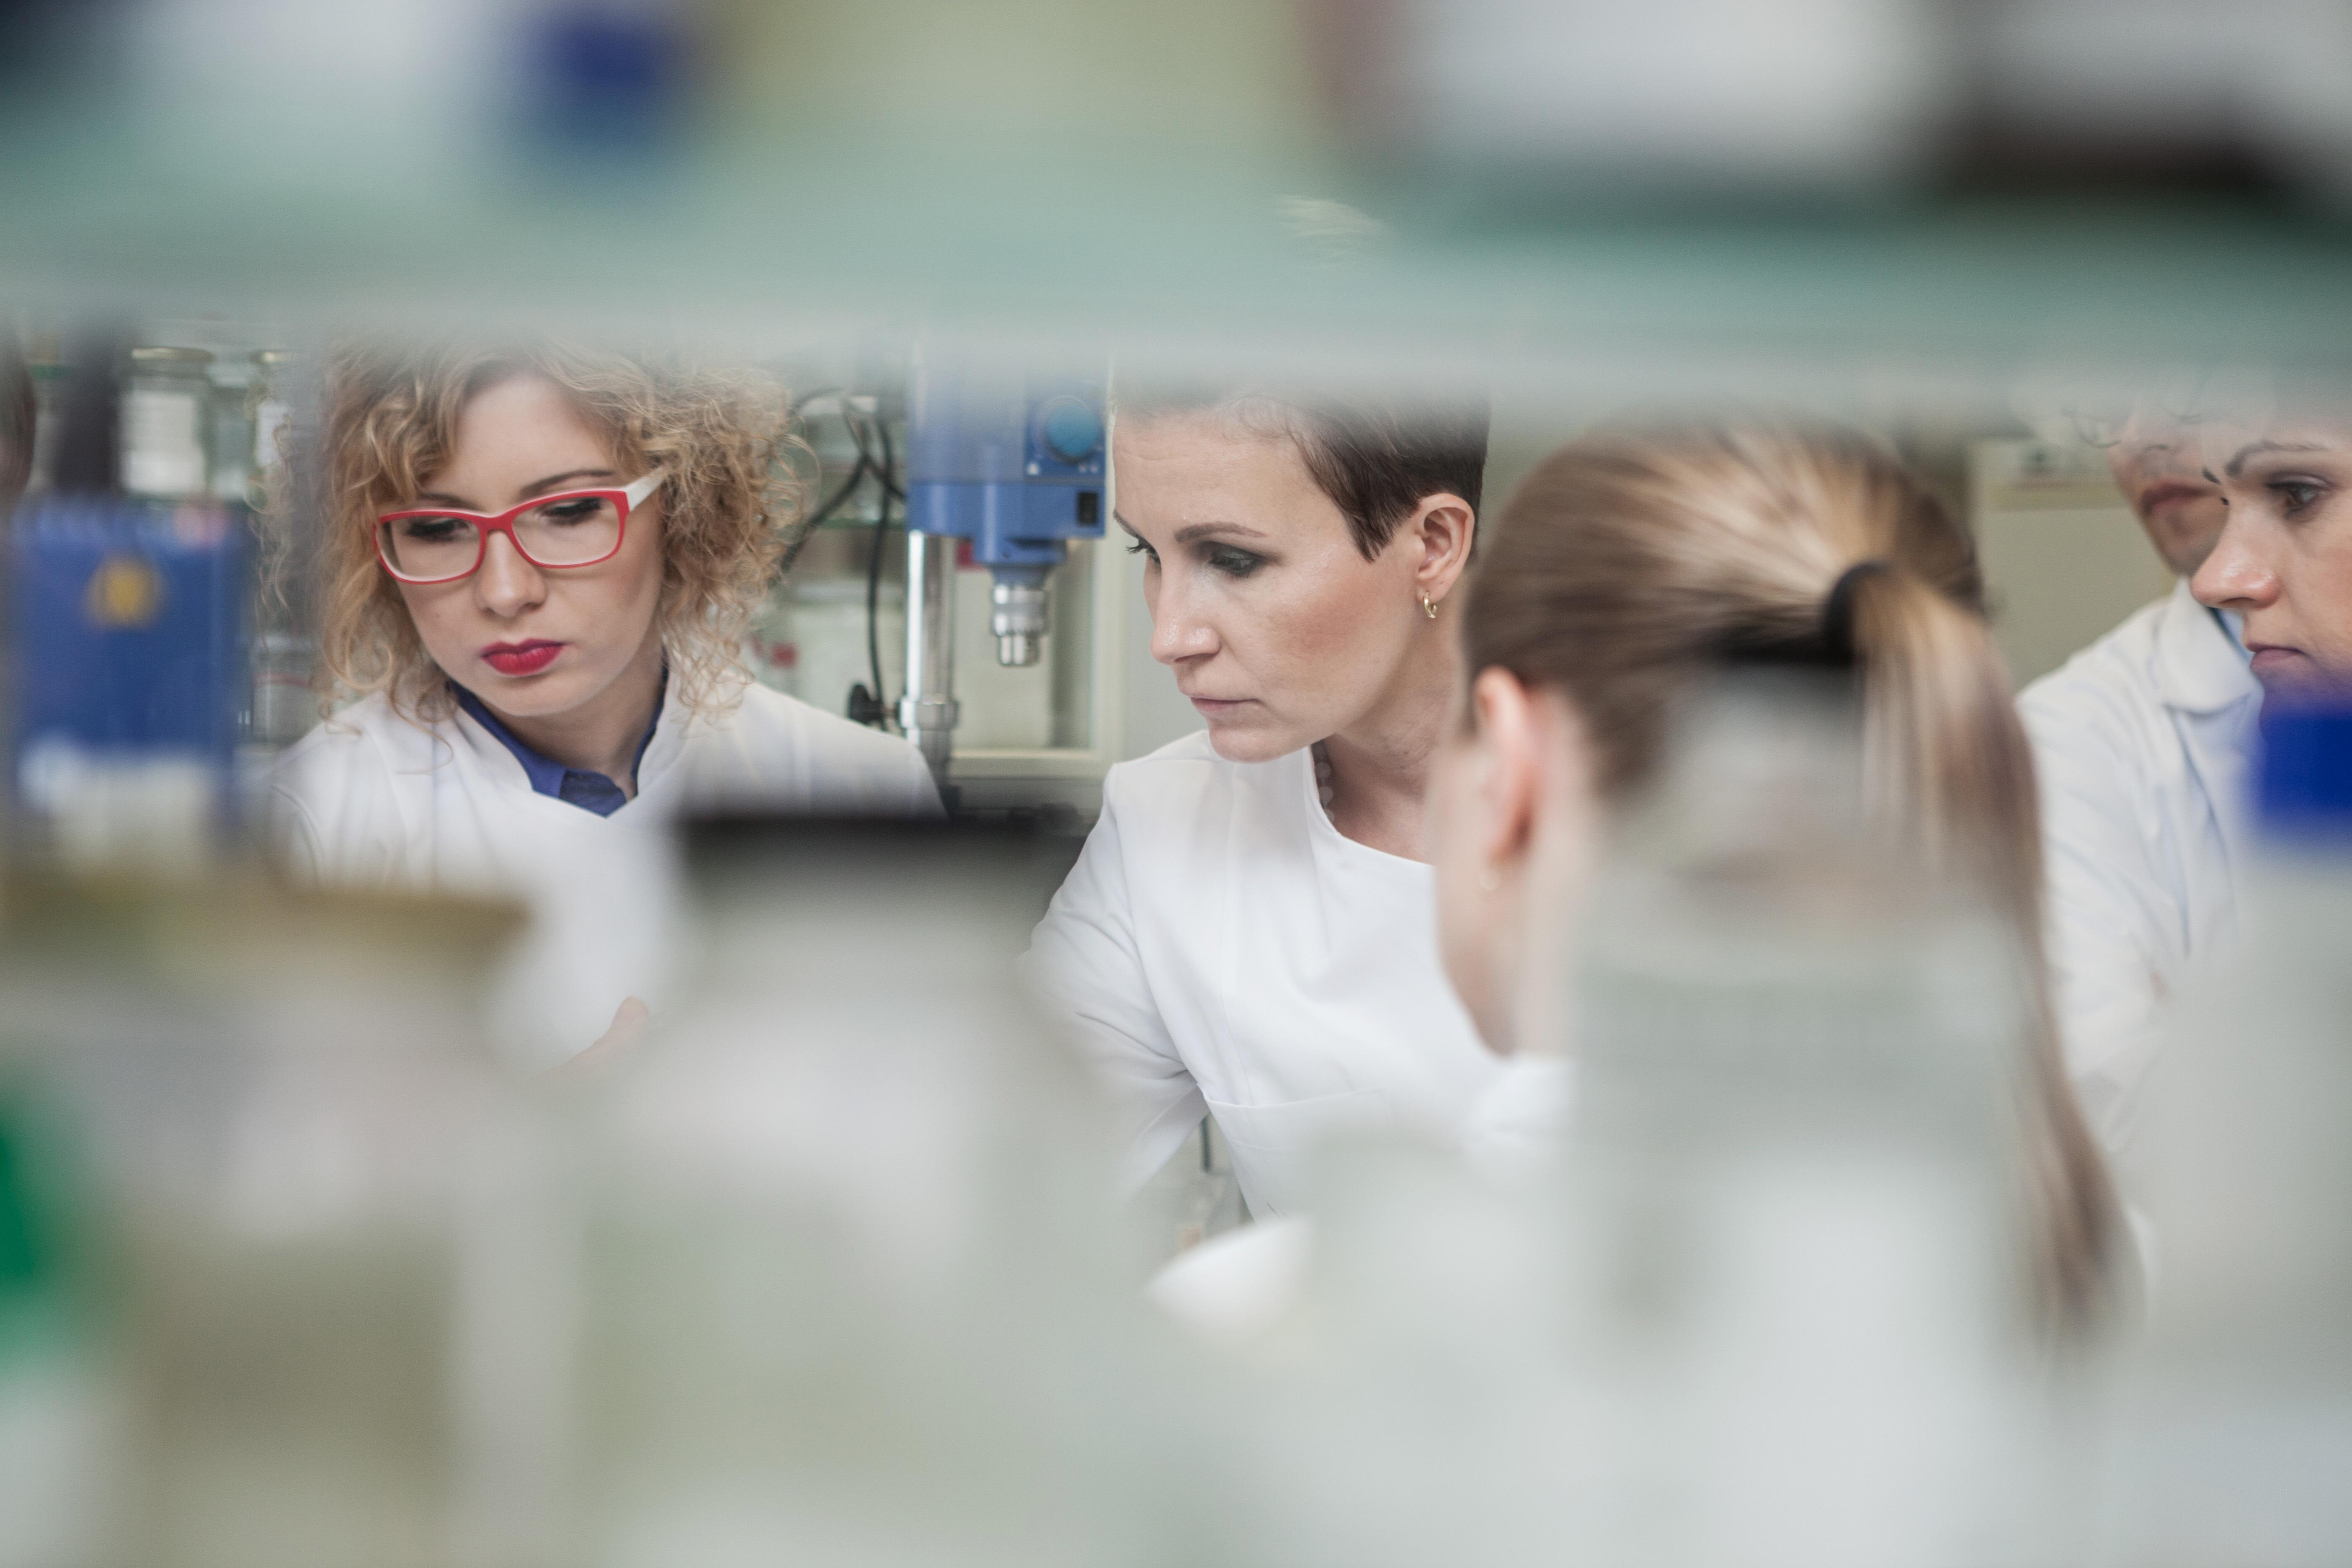 wizyta w laboratorium Soraya